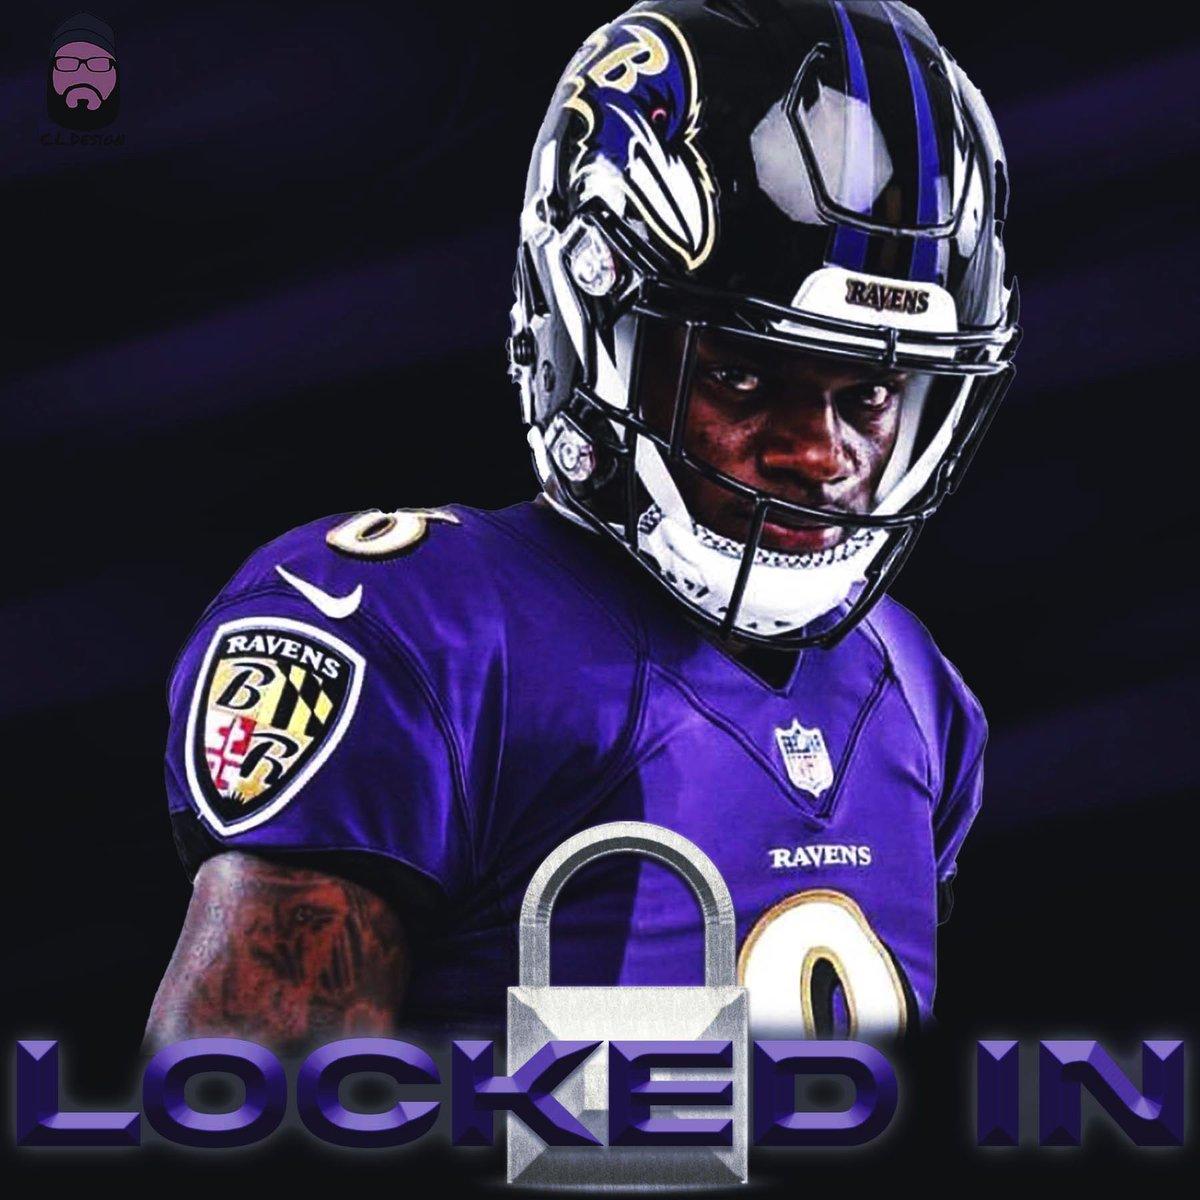 @Lj_era8 is 🔐 in for the upcoming season @Ravens   #ravens #ravensflock #ravensnation #ravensfootball #nfl #nflplayoffs #nflfootball #lamarjackson #lamarjackson8 #photoshop #graphicdesign #sportsdesign #sportsdesigner